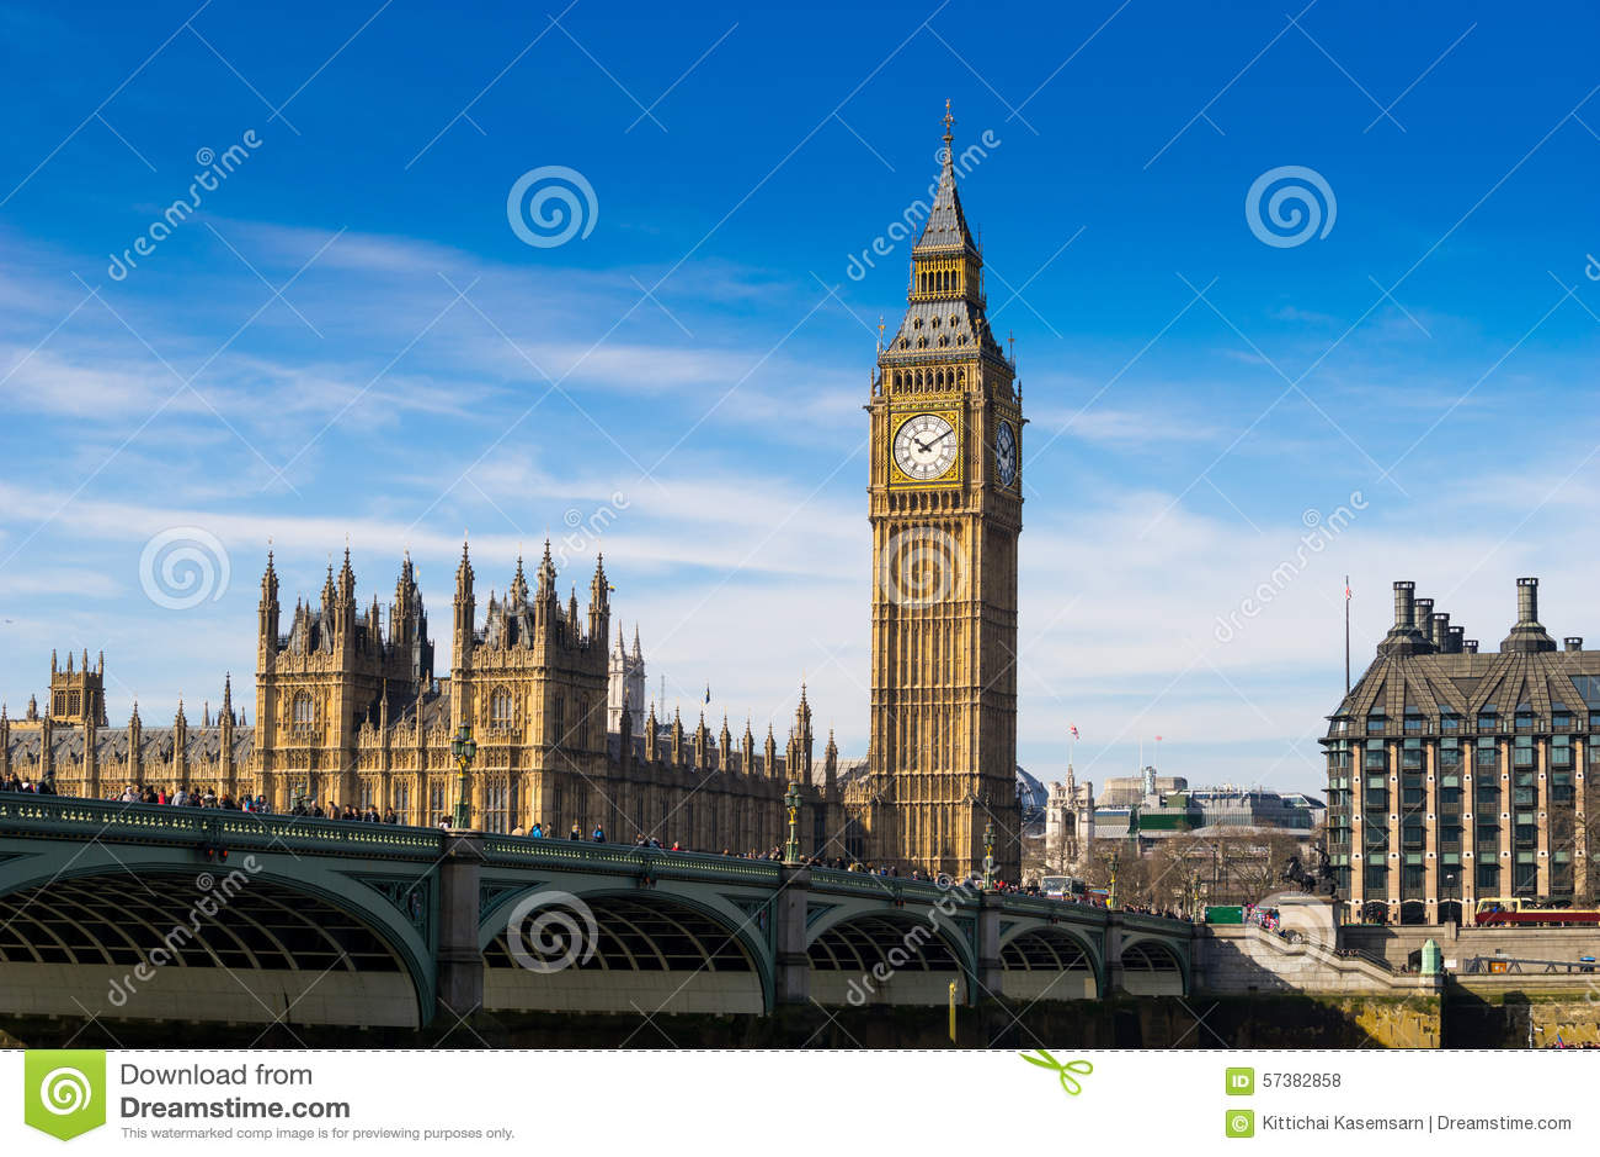 Big Ben en de abdij van Westminster in Londen, Engeland